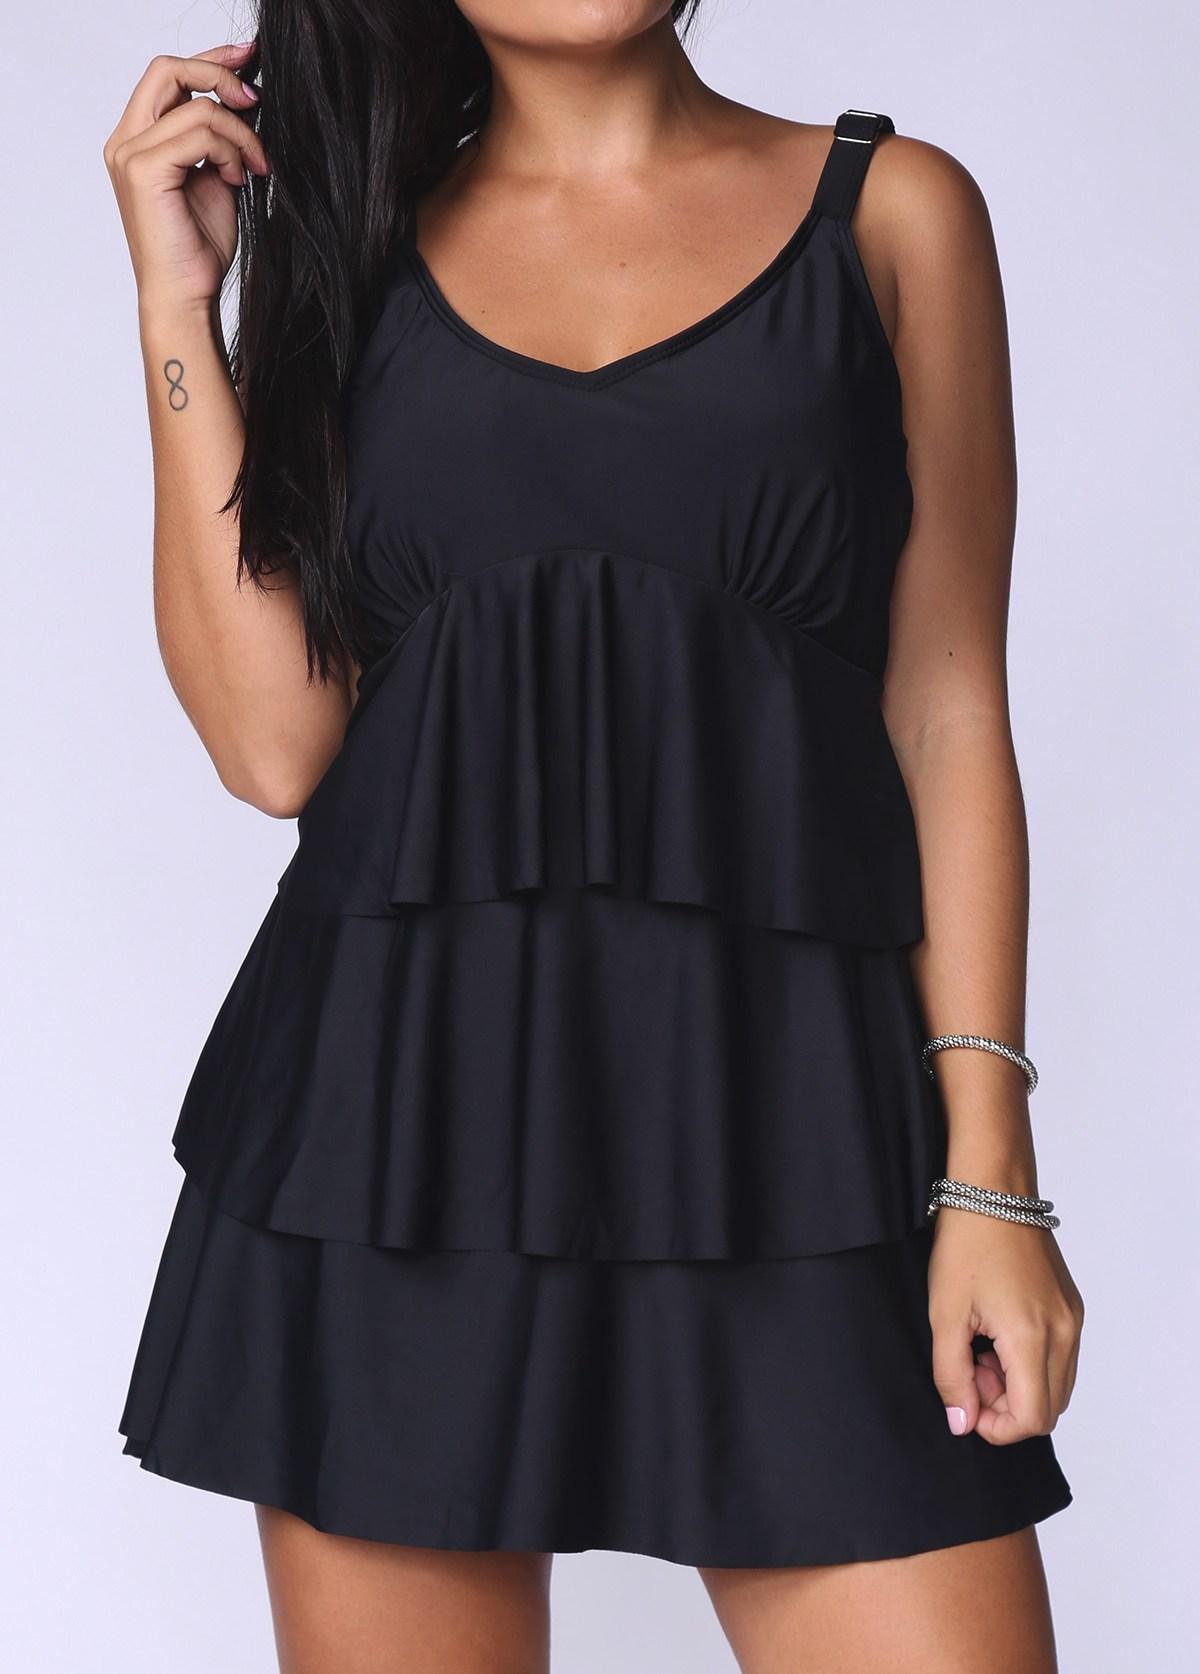 Plus Size Black Layered Ruffle Hem Swimdress and Panty